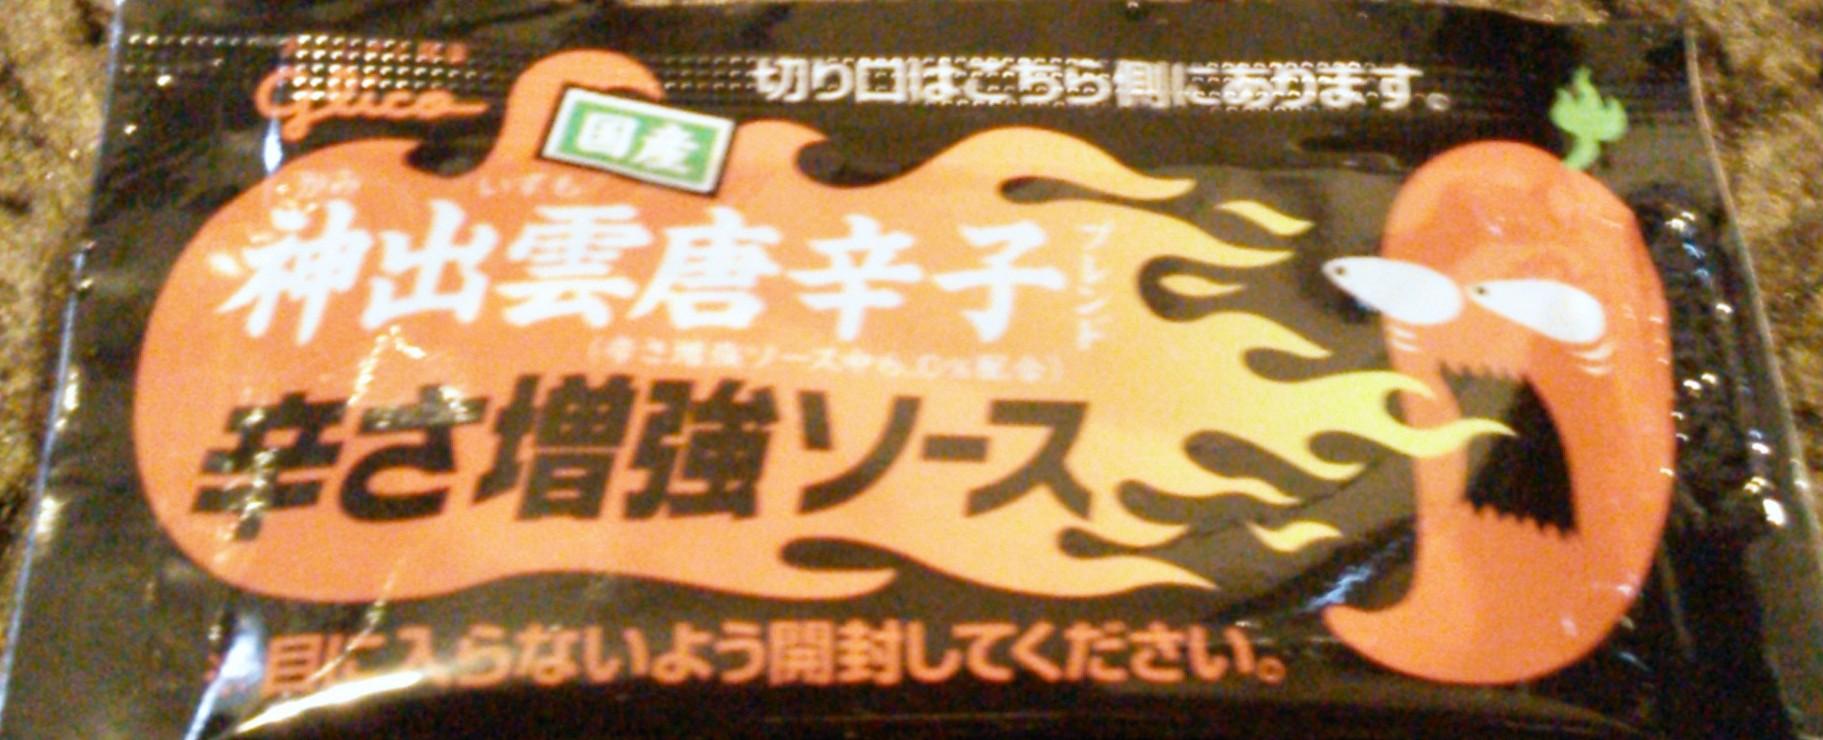 グリコのビーフカレーLEE 辛さX30倍に付いている激辛ソース